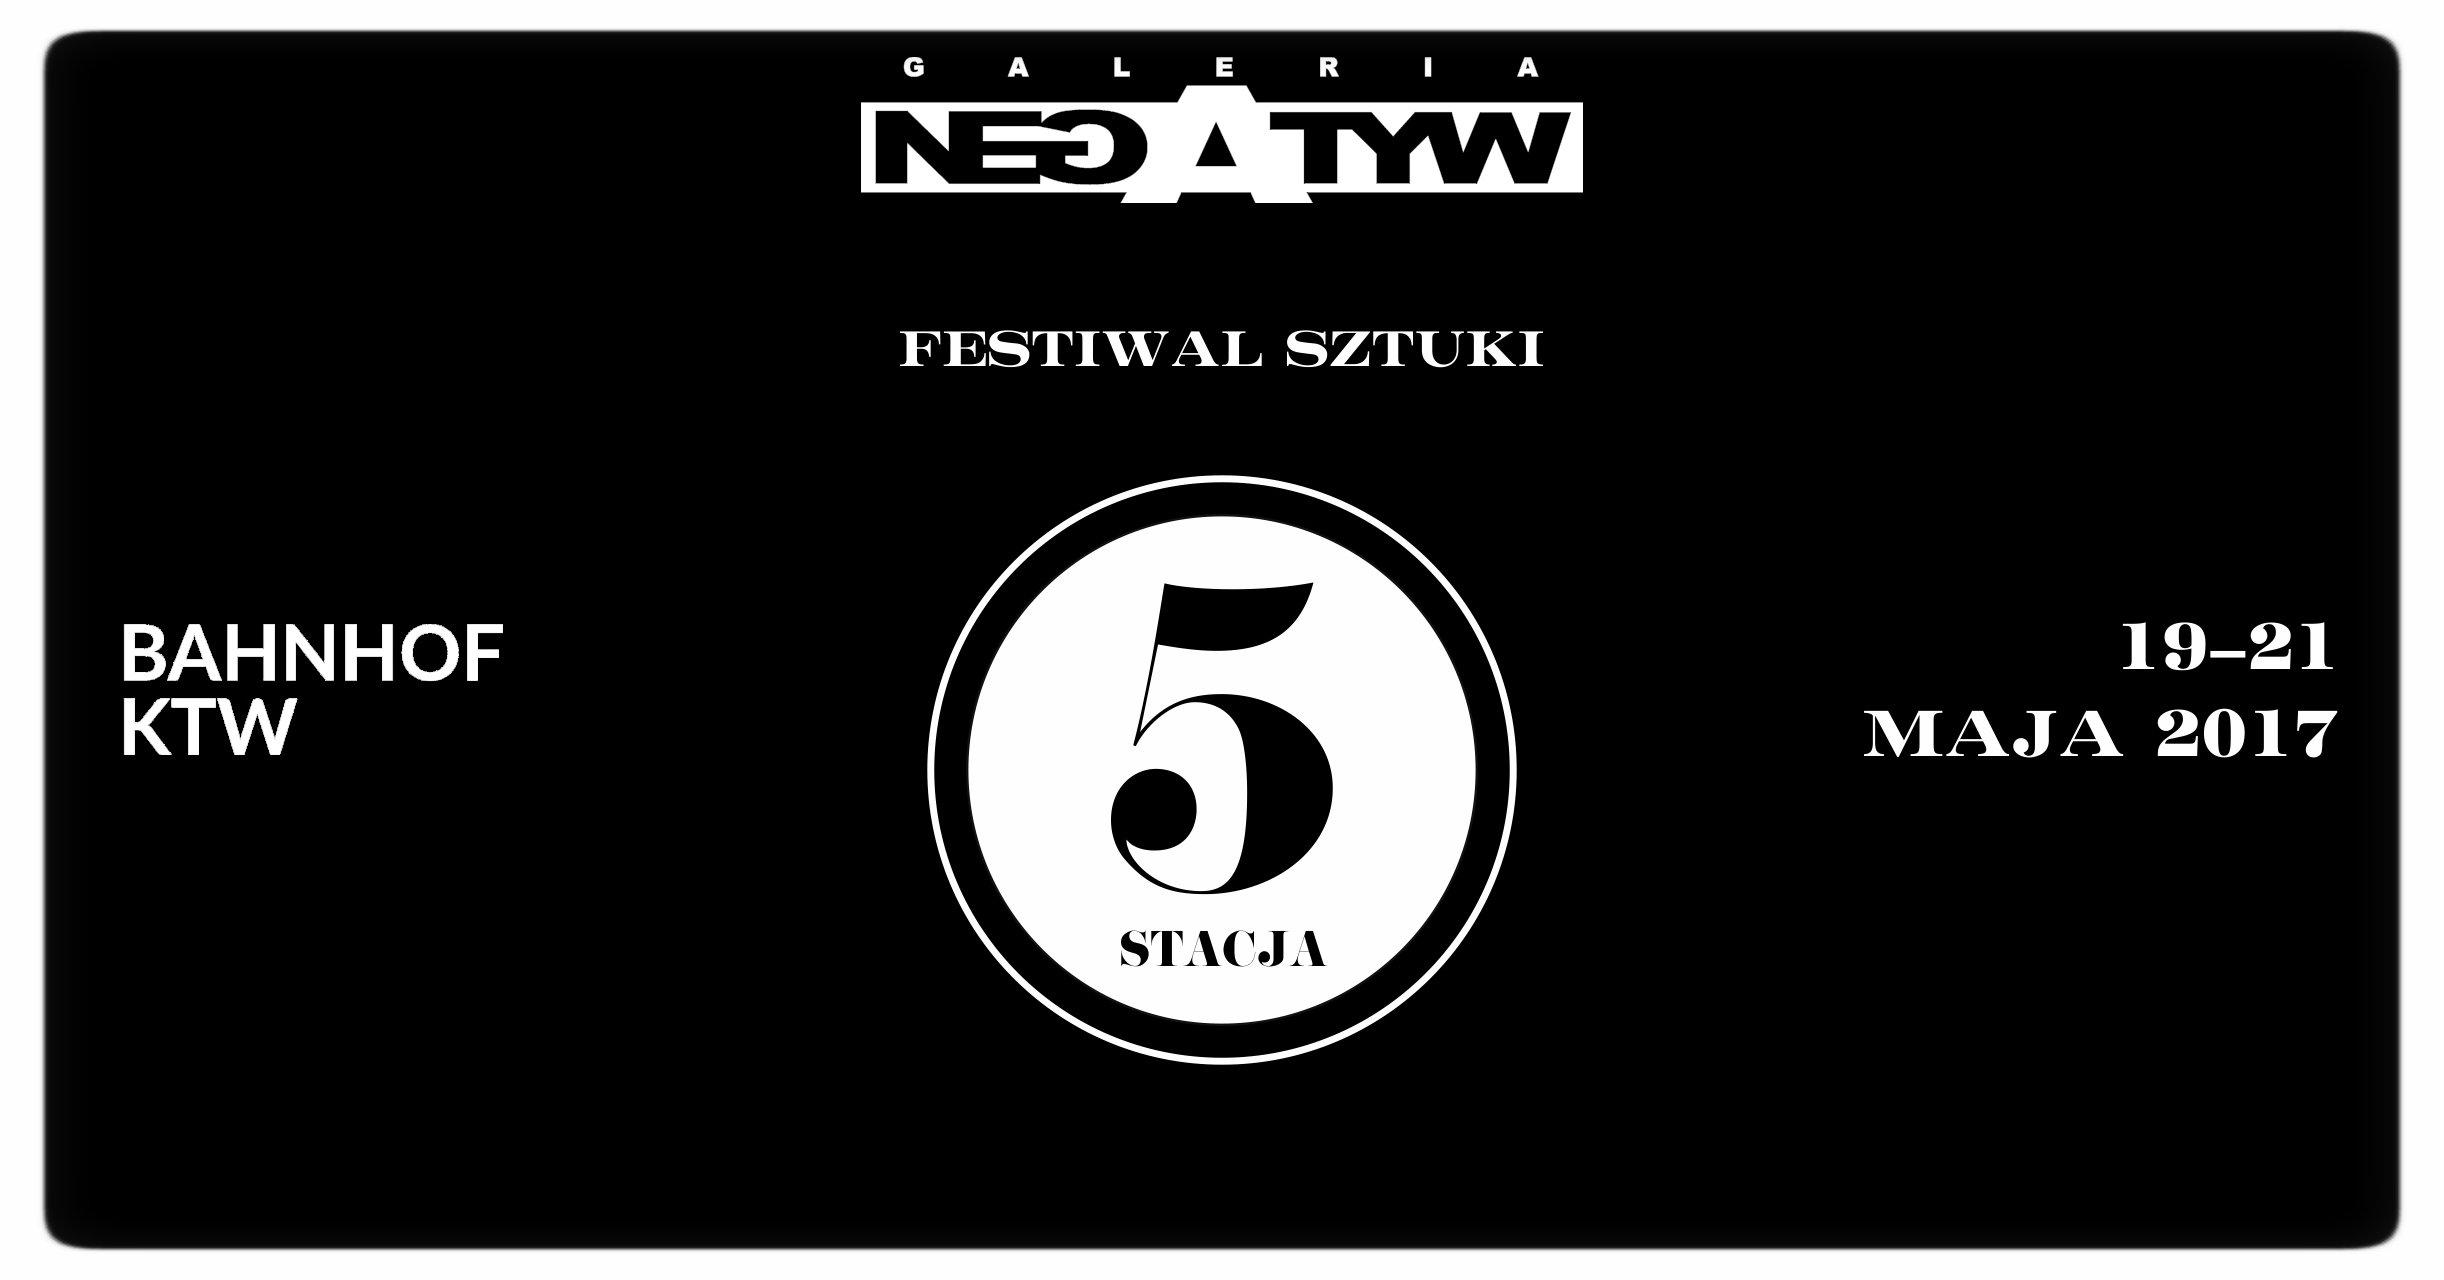 Festiwal Sztuki 5 Stacja potrwa do 21 maja